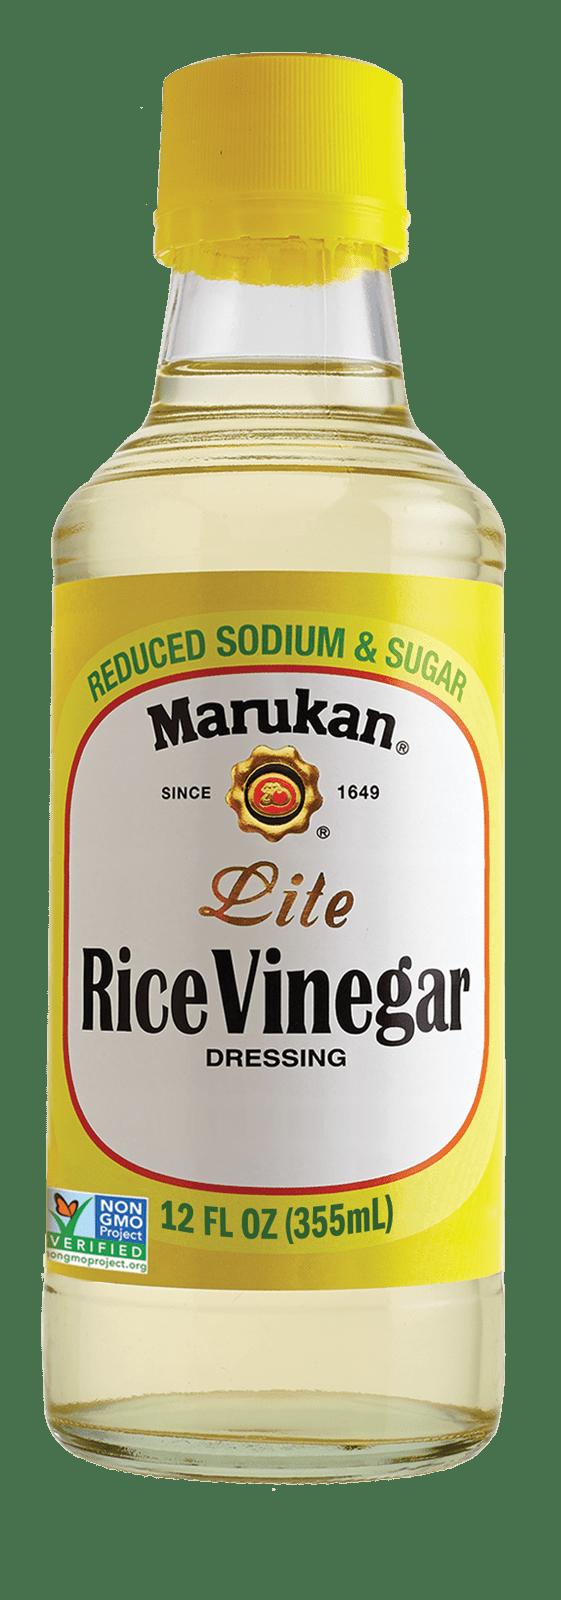 Lite Rice Vinegar Dressing